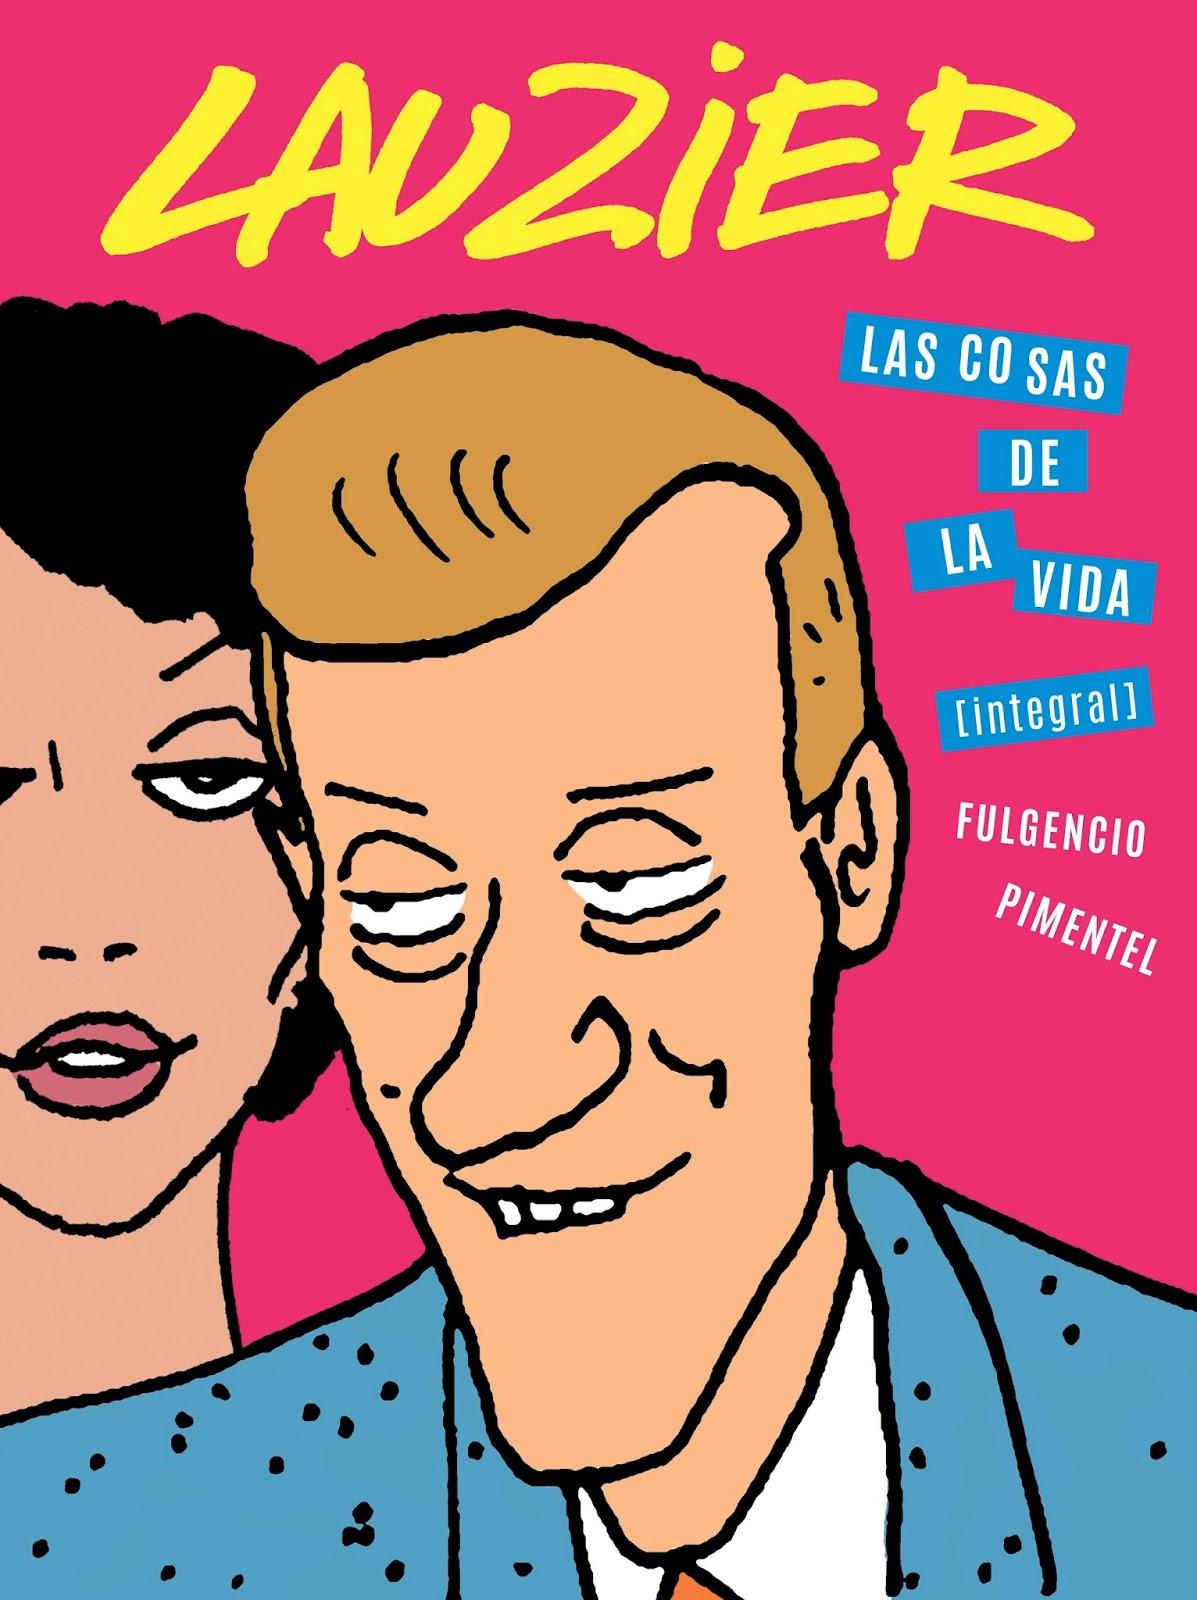 http://www.continuara-comics.com/Articulo.aspx?Codigo=FUL.00000032